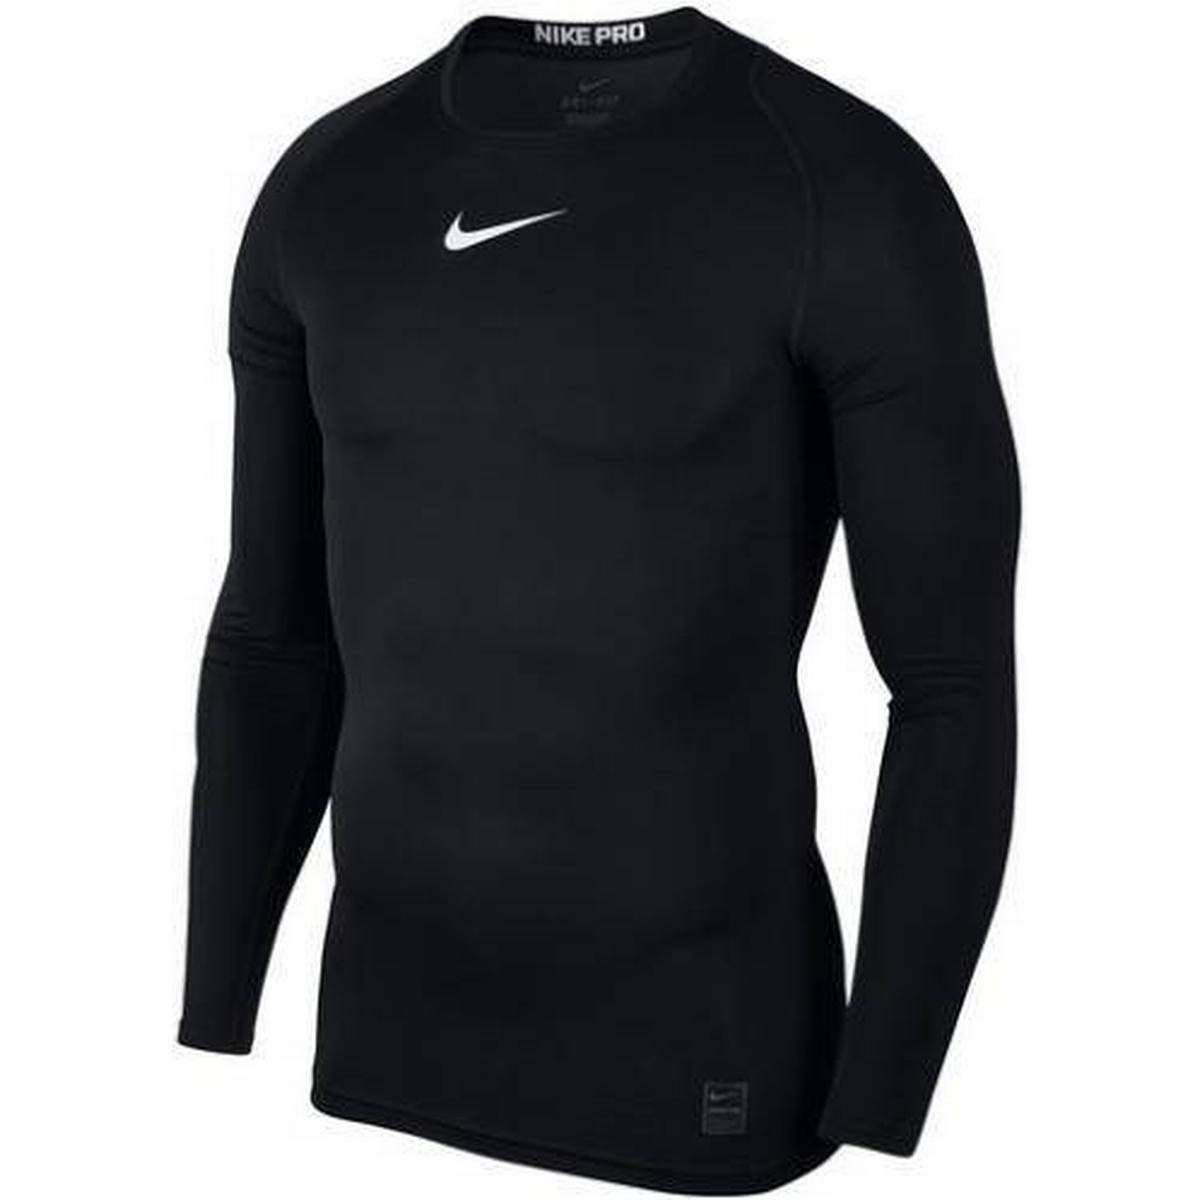 Nike pro compression top • Find billigste pris hos